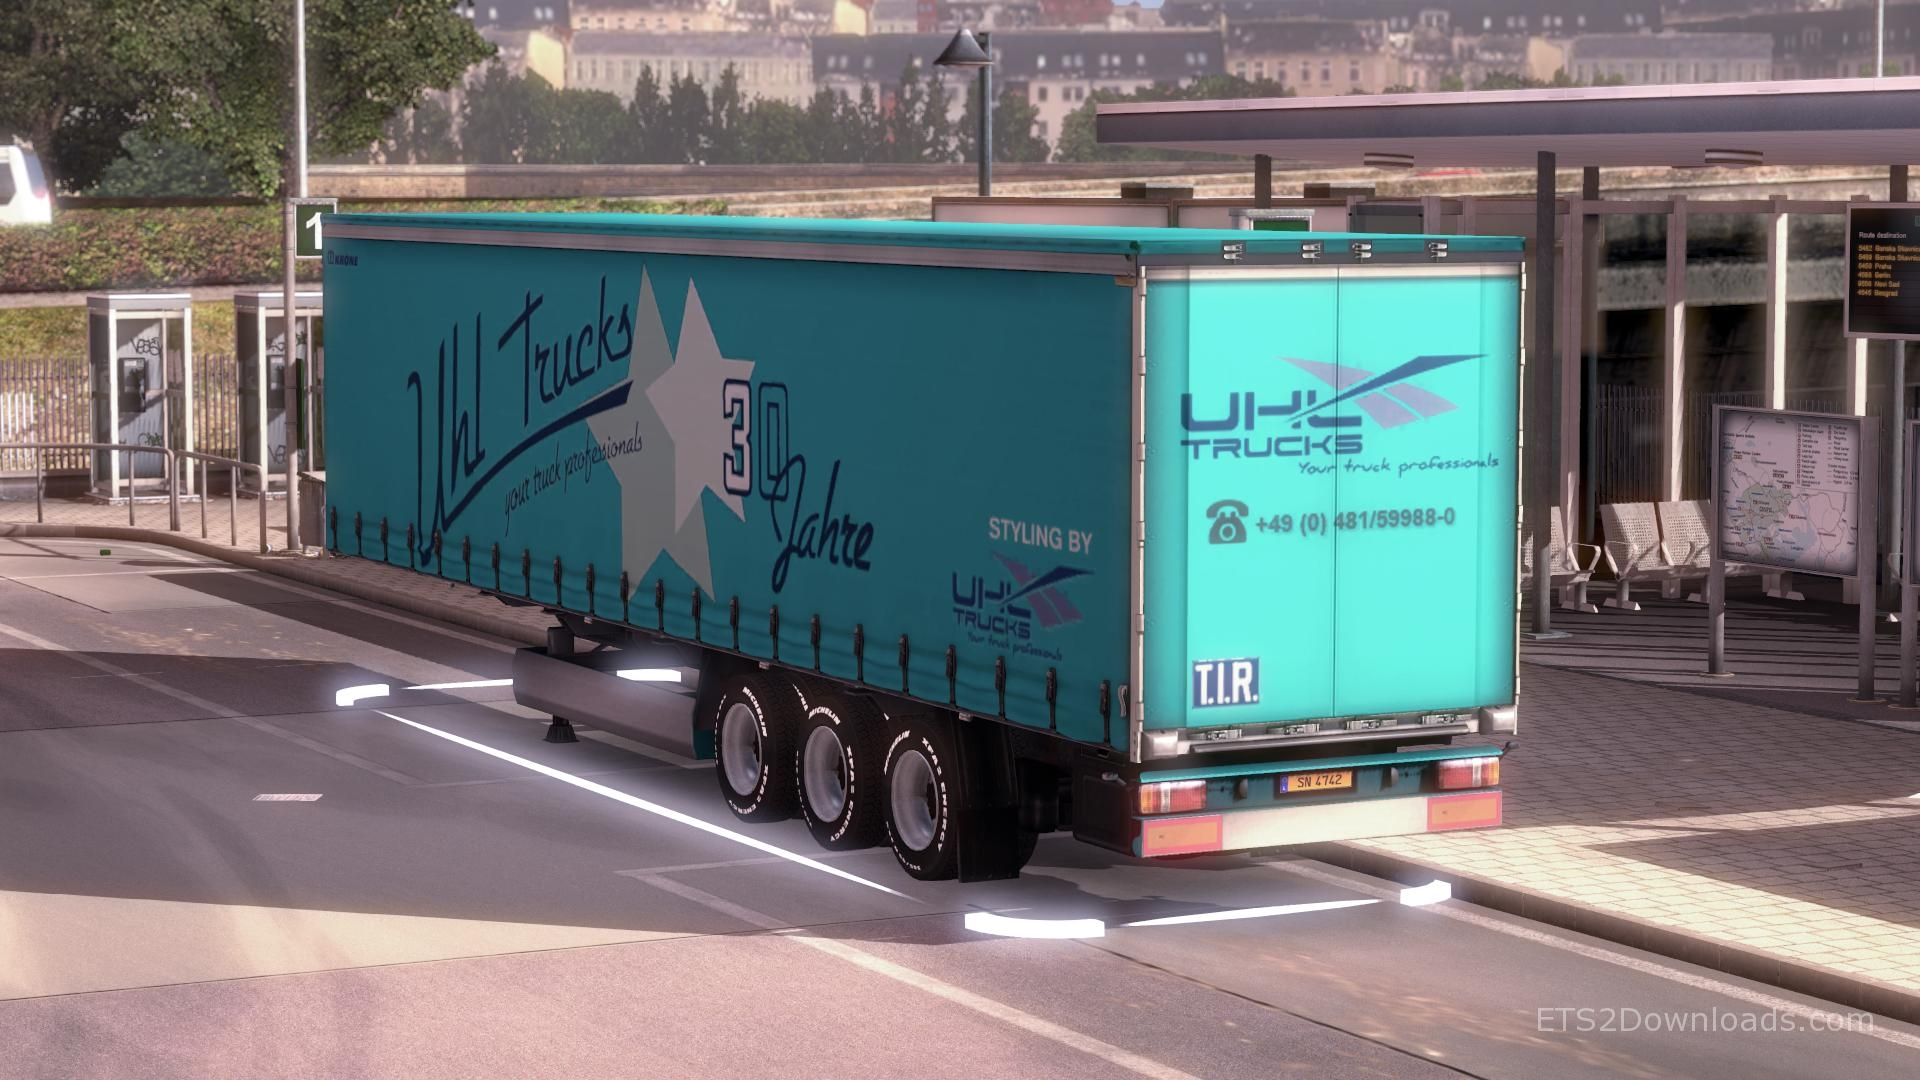 uhl-trucks-trailer